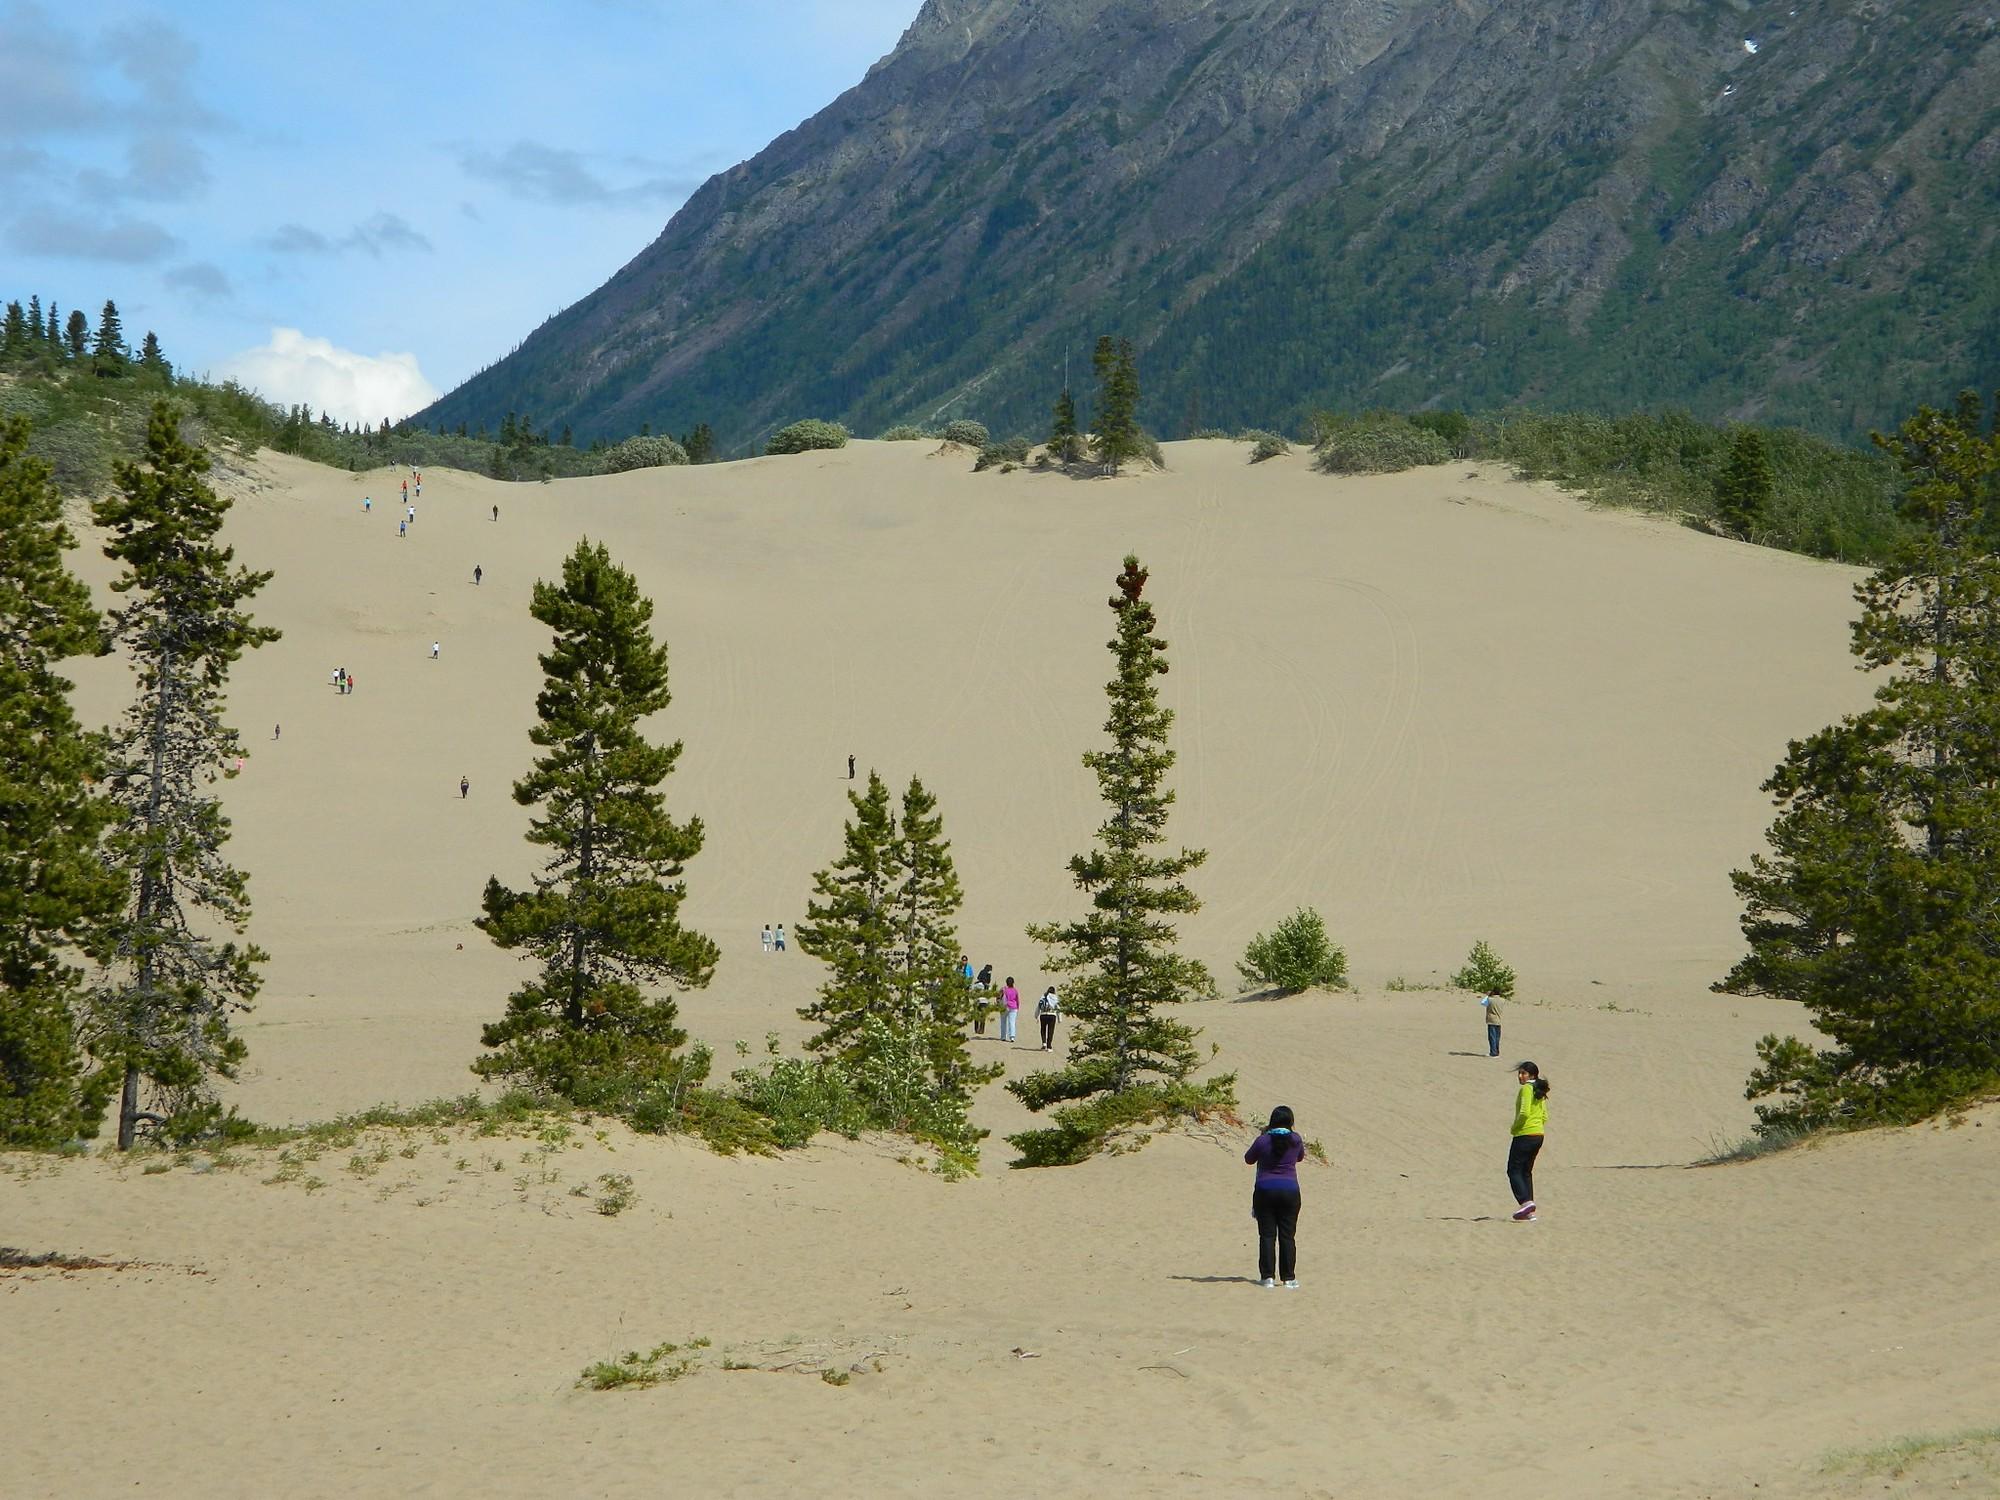 Kỳ lạ sa mạc nhỏ bé nhất thế giới: trông như một cồn cát nhưng vẫn đầy đủ đặc tính của một sa mạc hoàn hảo - Ảnh 3.